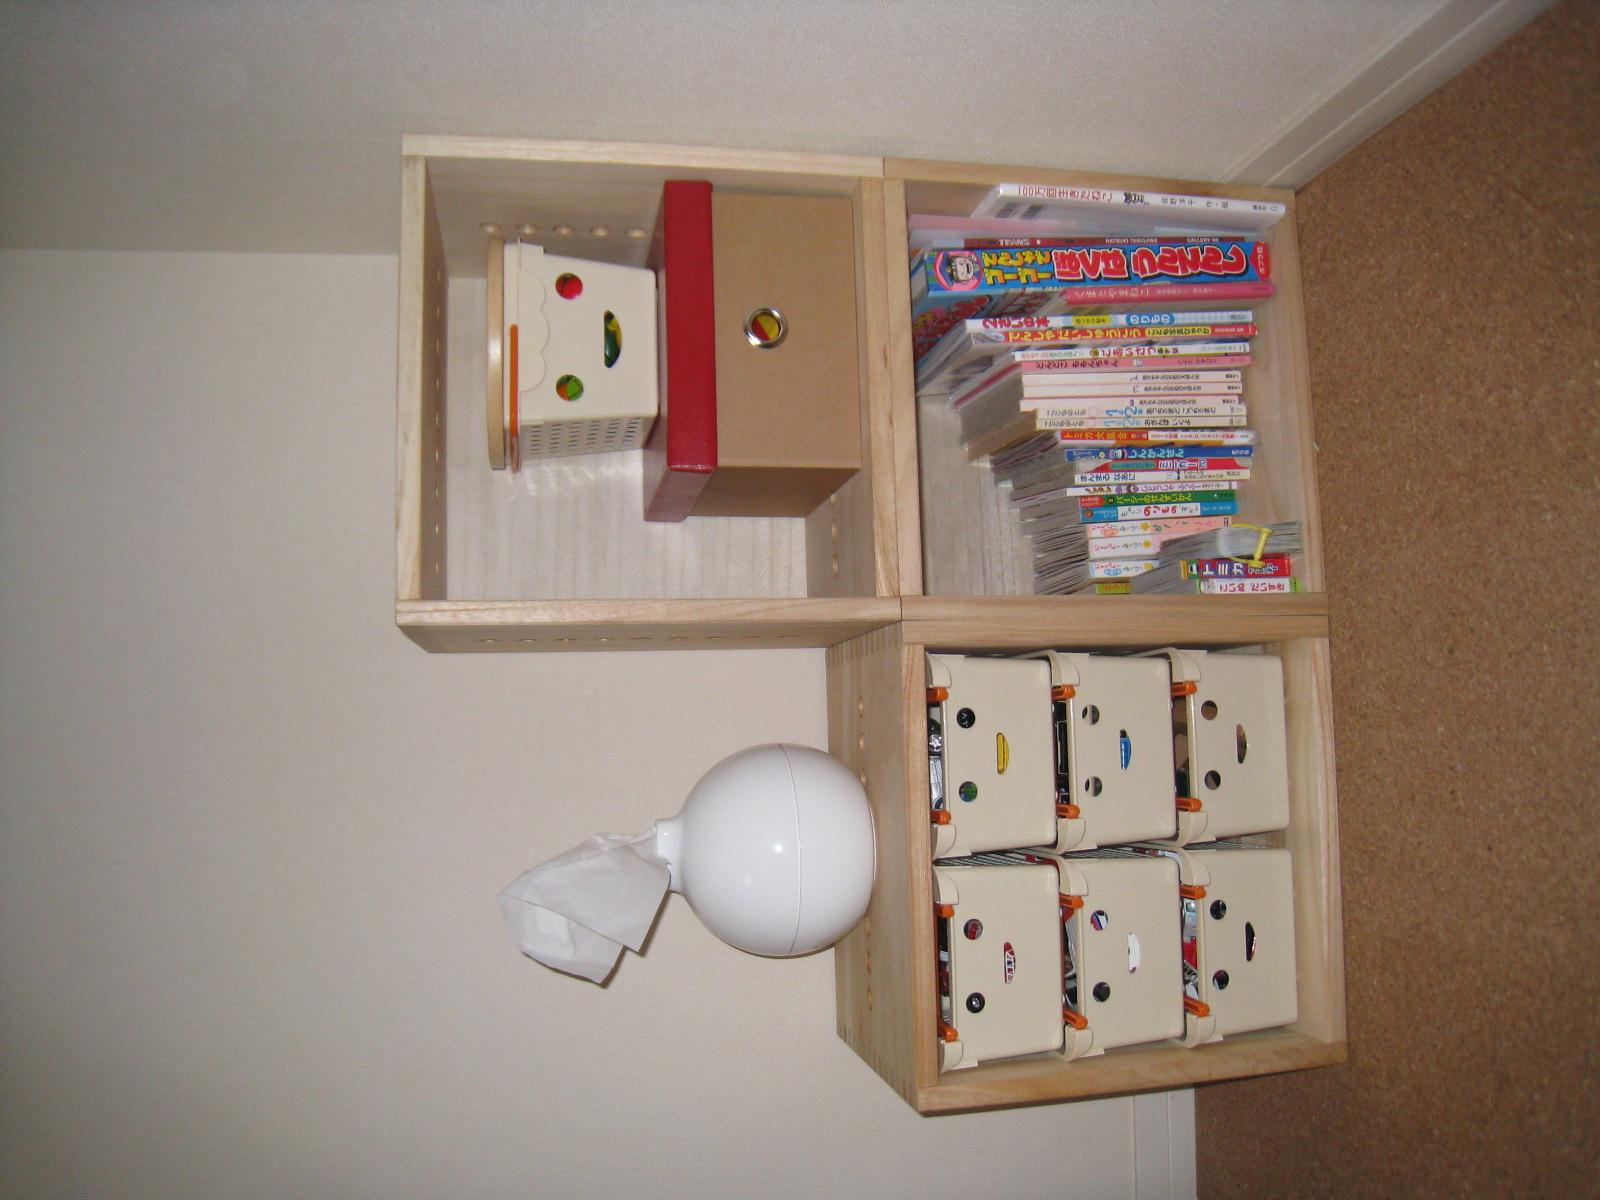 【子供用のおもちゃと本の収納】 リビングの子供のものがだんだん多くなって片付かなくなってきたので、おもちゃと本が一緒に収納できる家具を探していました。これは物が増えても買い増しできるし、いろんな形にできるので長く使えると思い購入しました。片付けたらとてもすっきりして部屋の雰囲気にも合い満足しています。サンプルで色と材質が確認できるところもありがたかったです。【子供部屋 無垢 木製 収納 ラック キューブ カラーボックス 本棚 絵本 おもちゃ 収納 図鑑 大型本】